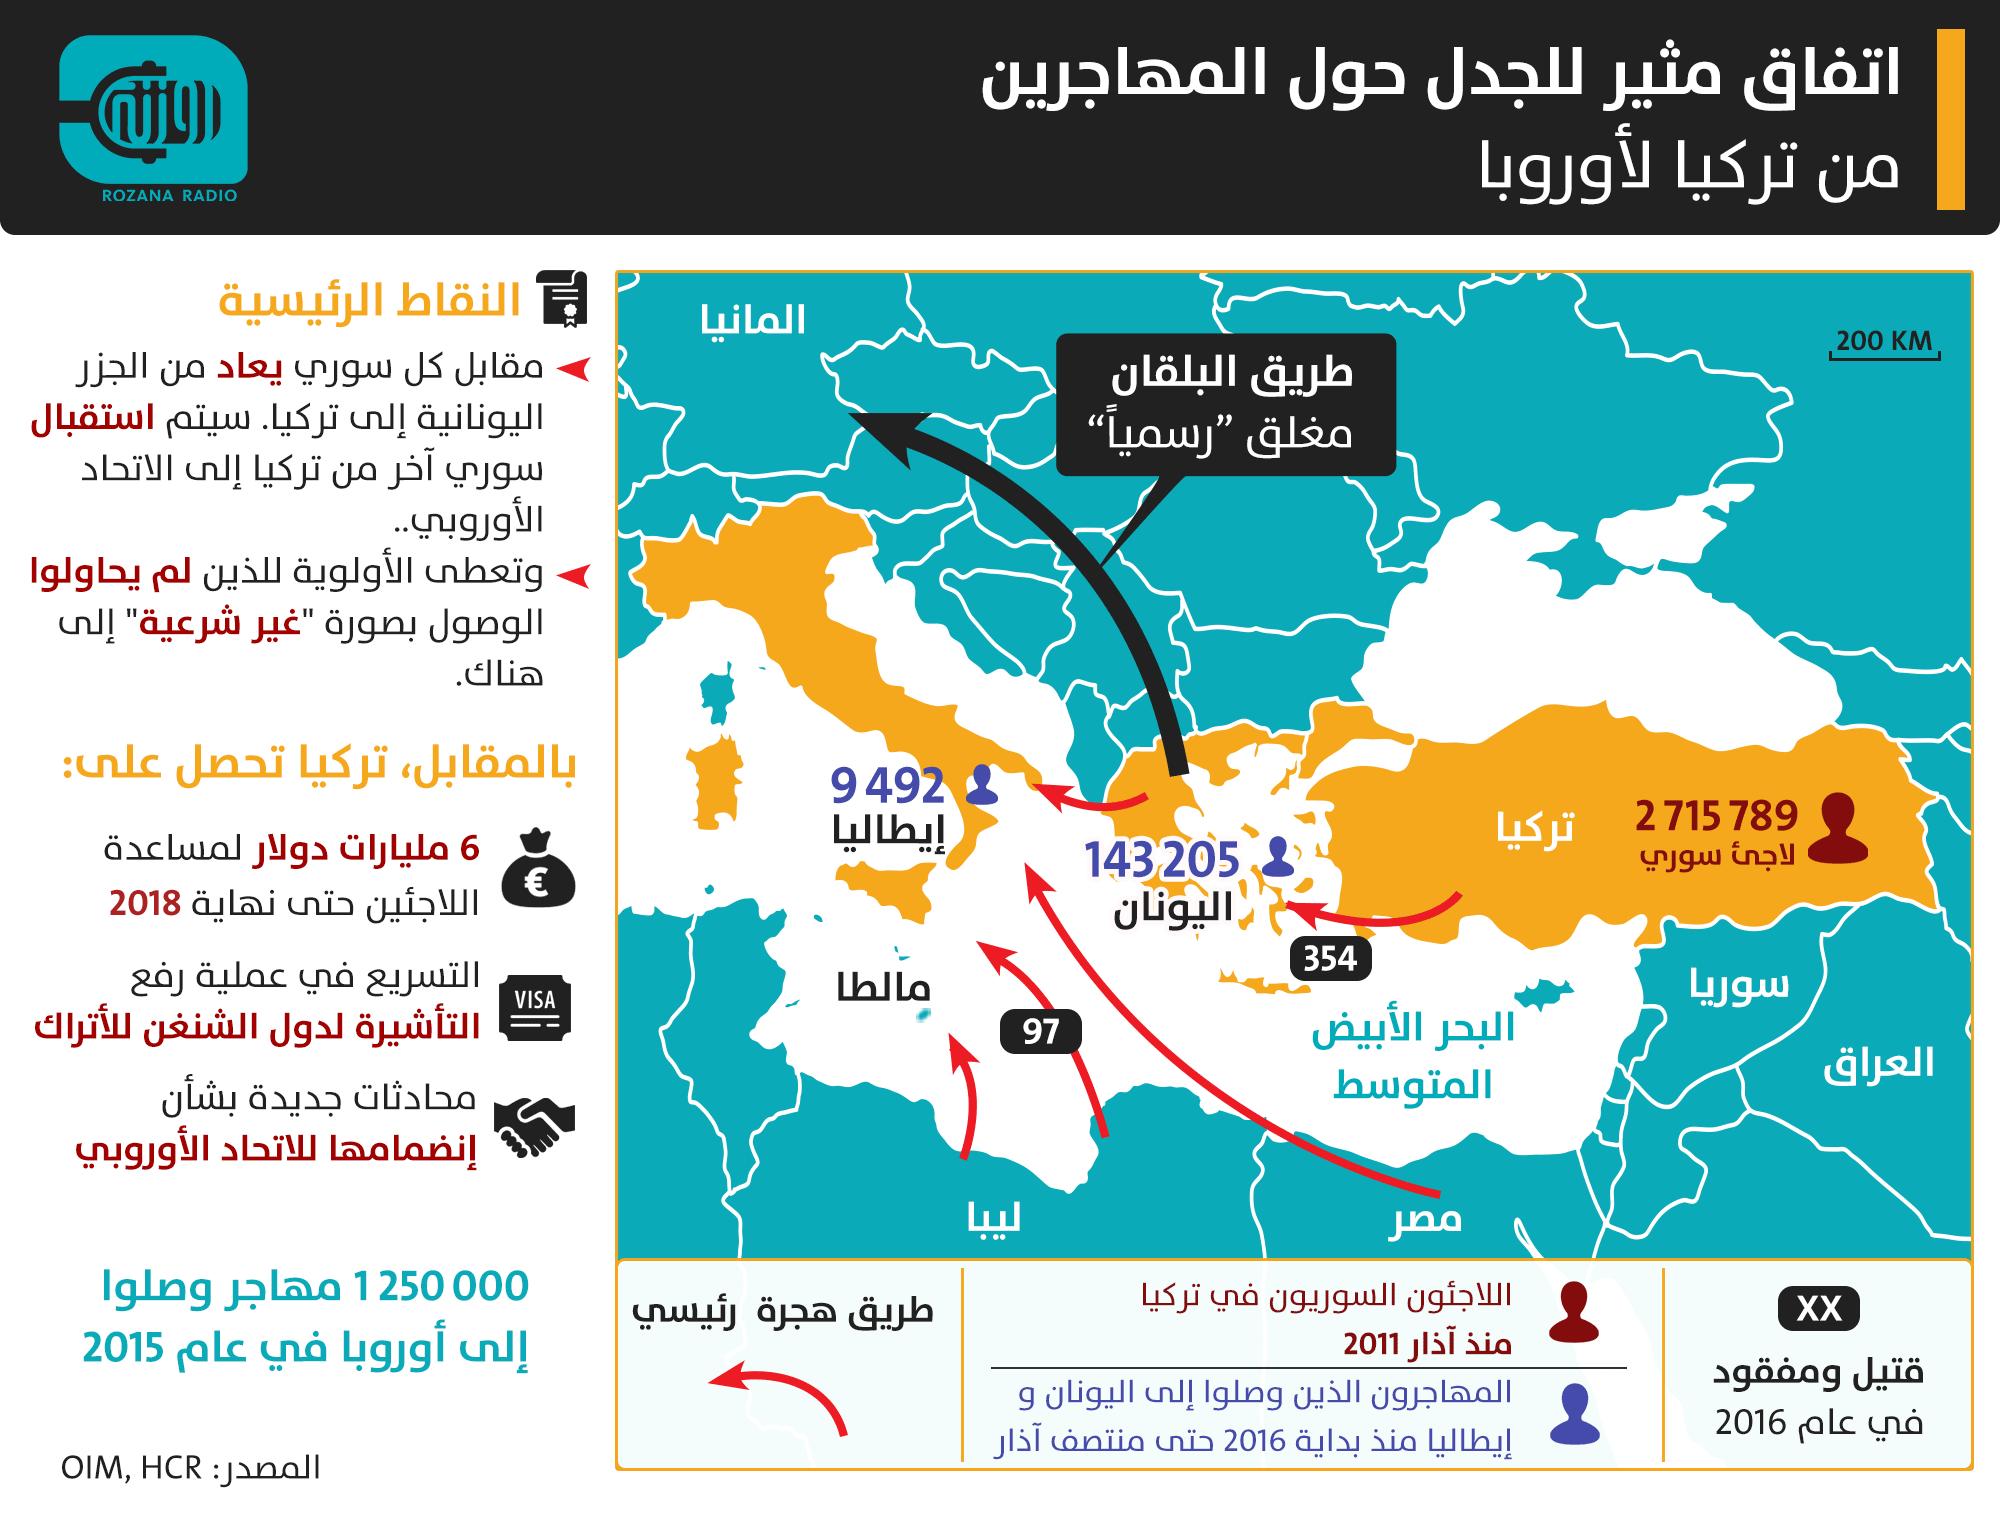 تفاصيل الاتفاق بين أوروبا و تركيا حول اللاجئين سوريا انفوغرافيك Map Map Screenshot